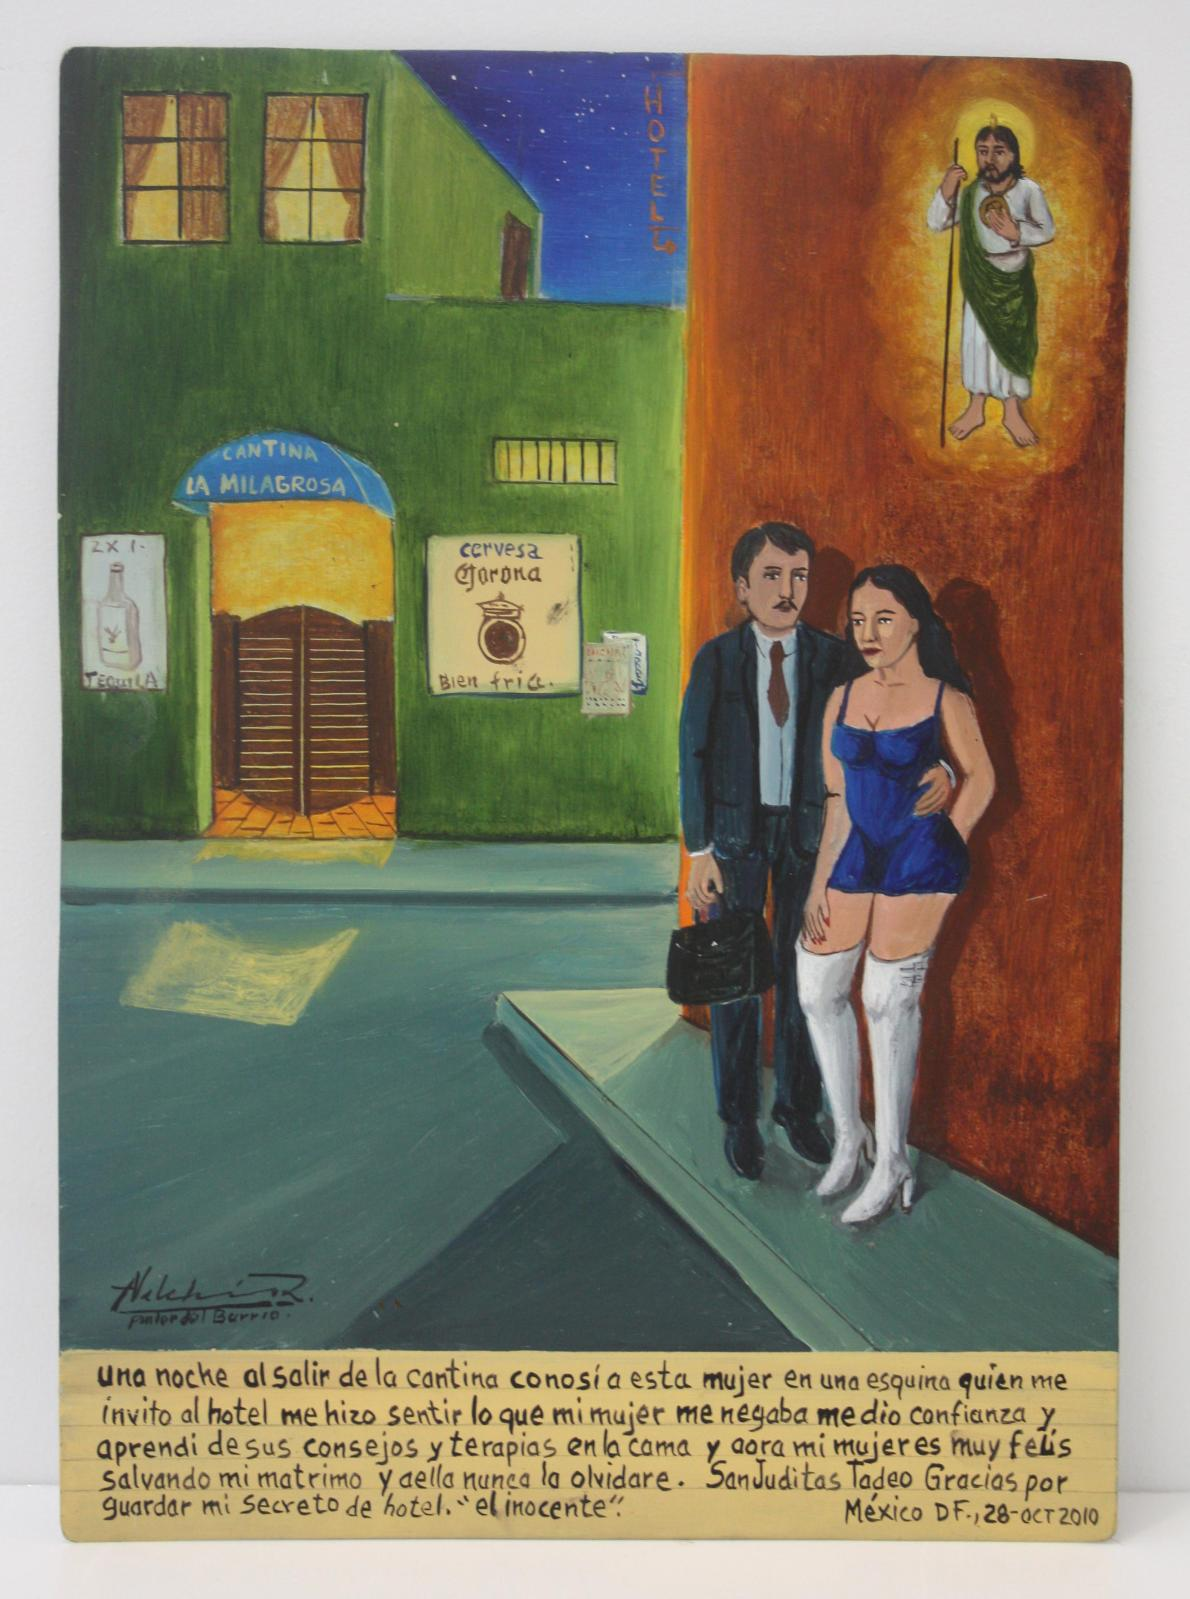 Alfredo Vilchis-Roque (b. 1959), L'Innocent, ex-voto contemporain mexicain, oil on metal, 25 x 35 cm. Galerie Frédéric Moisan, Paris.Photo